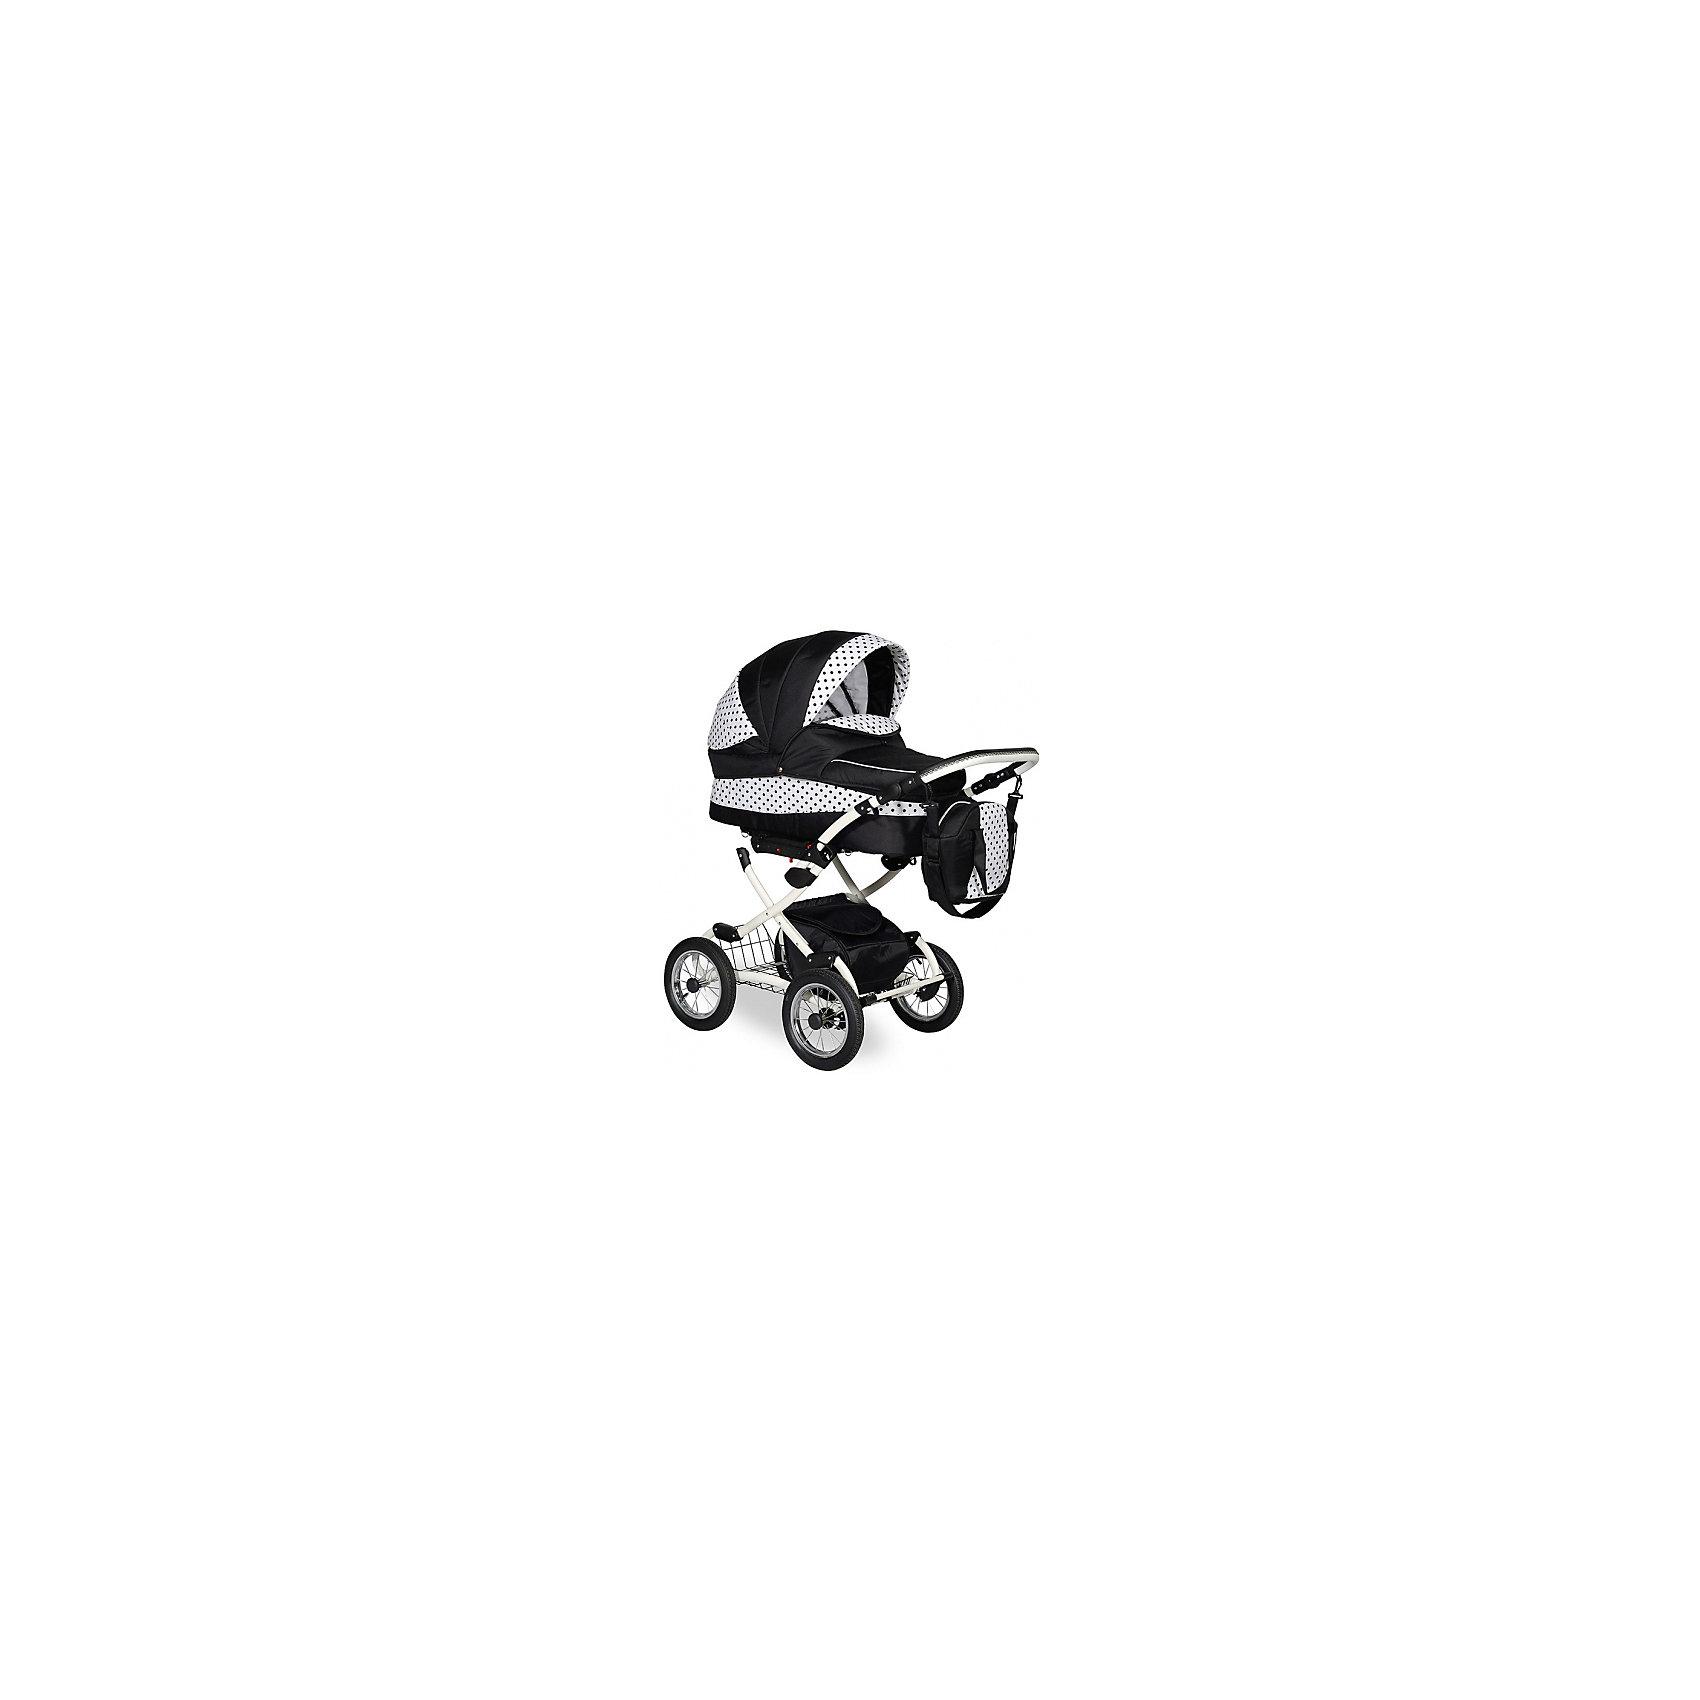 Коляска 2 в 1 Indigo Blues PC , черный/белыйКоляски 2 в 1<br>Коляска 2 в 1 Blues PC Indigo, черный/белый – относится к категории современной классики. Данная модель предназначена для детей с самого рождения и до трех лет. Классические детали и современные качественные и безопасные материалы отличают эту коляску среди аналогичных моделей. Помповые колеса обеспечивают плавное движение коляски даже по самым неровным дорогам и тротуарам.<br>Люлька в коляске 2 в 1 Индиго Блюс оснащена регулируемым подголовником, имеется 2 капюшона, один из которых съемный, второй легкий, хорошо пропускает воздух, но при этом защищает от насекомых. Прогулочный вариант этой коляски обеспечен ремнями безопасности, подъемной металлической подножкой и съемным поручнем, обтянутым тканевым материалом.<br>Коляска 2 в 1 Blues PC Indigo, черный/белый – это высокое качество по доступной цене.<br><br>Дополнительная информация:<br><br>- Механизм складывания: книжка<br>- Цвет: черный/белый<br>- Сезон: зима-лето<br>- Комплектация: сумка для мамы, матрасик в люльку, накидка на ножки<br>- Ширина шасси: 58 см<br>- Диаметр колес: 30,5 см<br>- Ручка: 4 положения<br>- Размер люльки (ДxШ): 80х35<br>- Размер (ДxВхШ): 93х53х60 см<br>- Материал: ткань, устойчивая к низким температурам и воздействия яркого солнечного цвета. Обладает водоотталкивающими свойствами.<br>- Вес 21,0 кг<br><br>Подробнее:<br><br>- Для детей в возрасте: от 0 месяцев до 3 лет<br><br>Страна производитель: Польша<br><br>Коляску 2 в 1 Blues PC Indigo, черный/белый можно купить в нашем интернет-магазине.<br><br>Ширина мм: 930<br>Глубина мм: 600<br>Высота мм: 530<br>Вес г: 21000<br>Возраст от месяцев: 0<br>Возраст до месяцев: 36<br>Пол: Унисекс<br>Возраст: Детский<br>SKU: 4855051